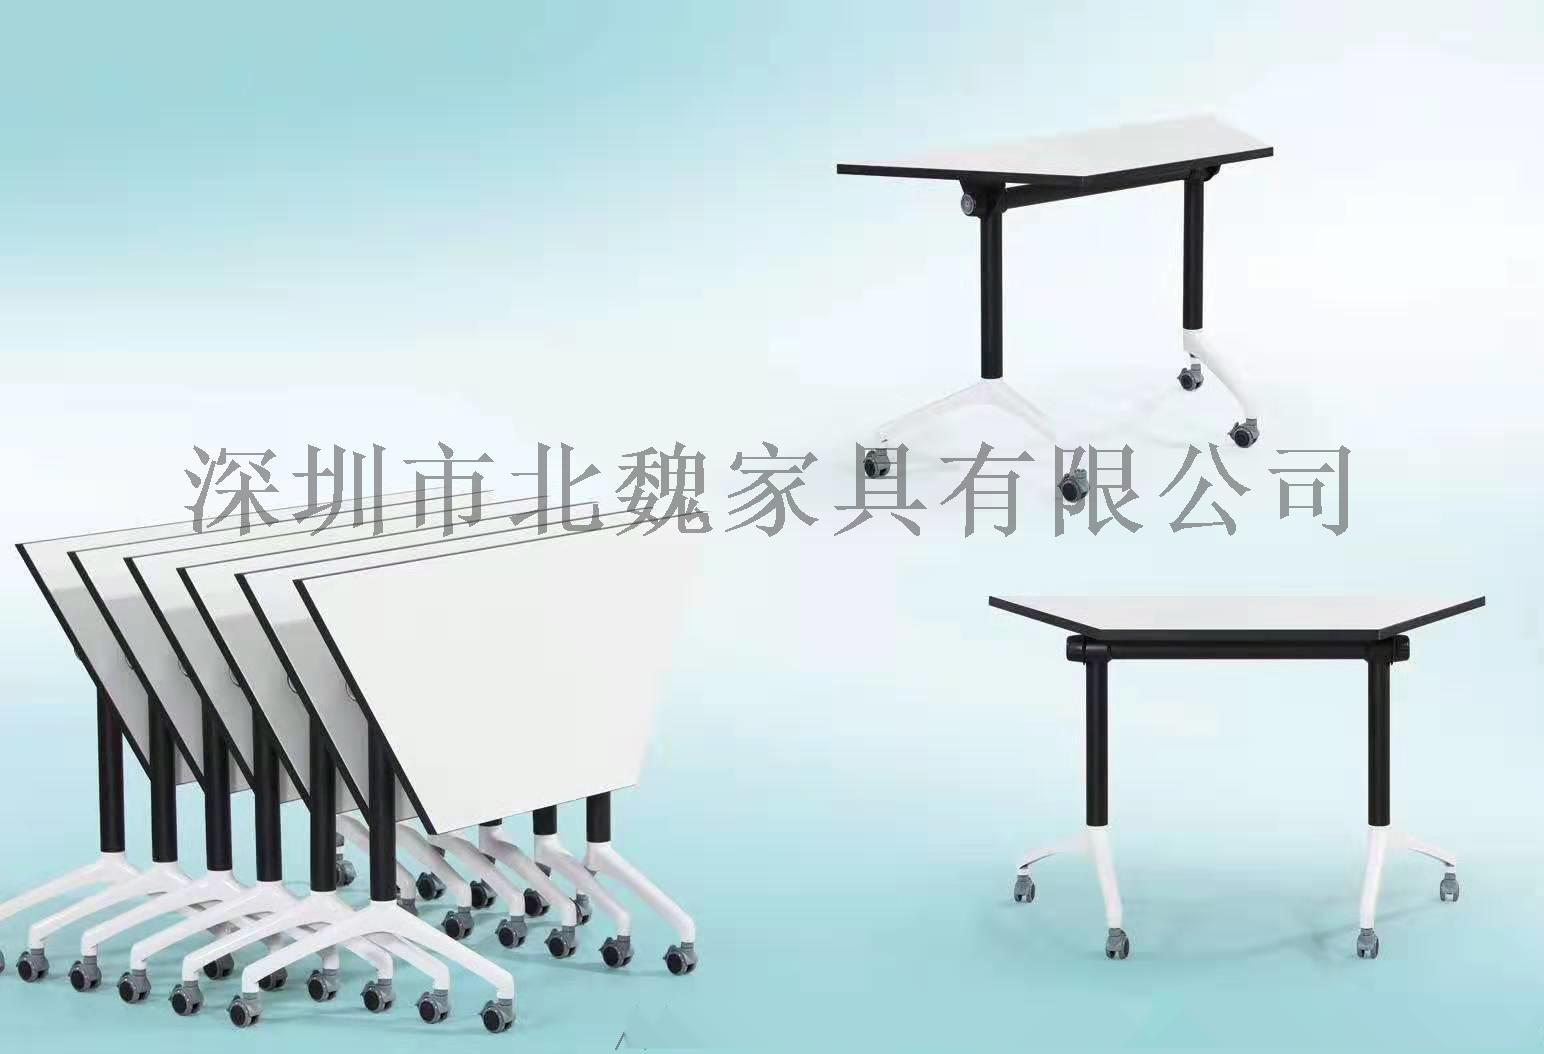 智慧学习桌椅-互动课堂桌椅-培训桌学习桌122959125